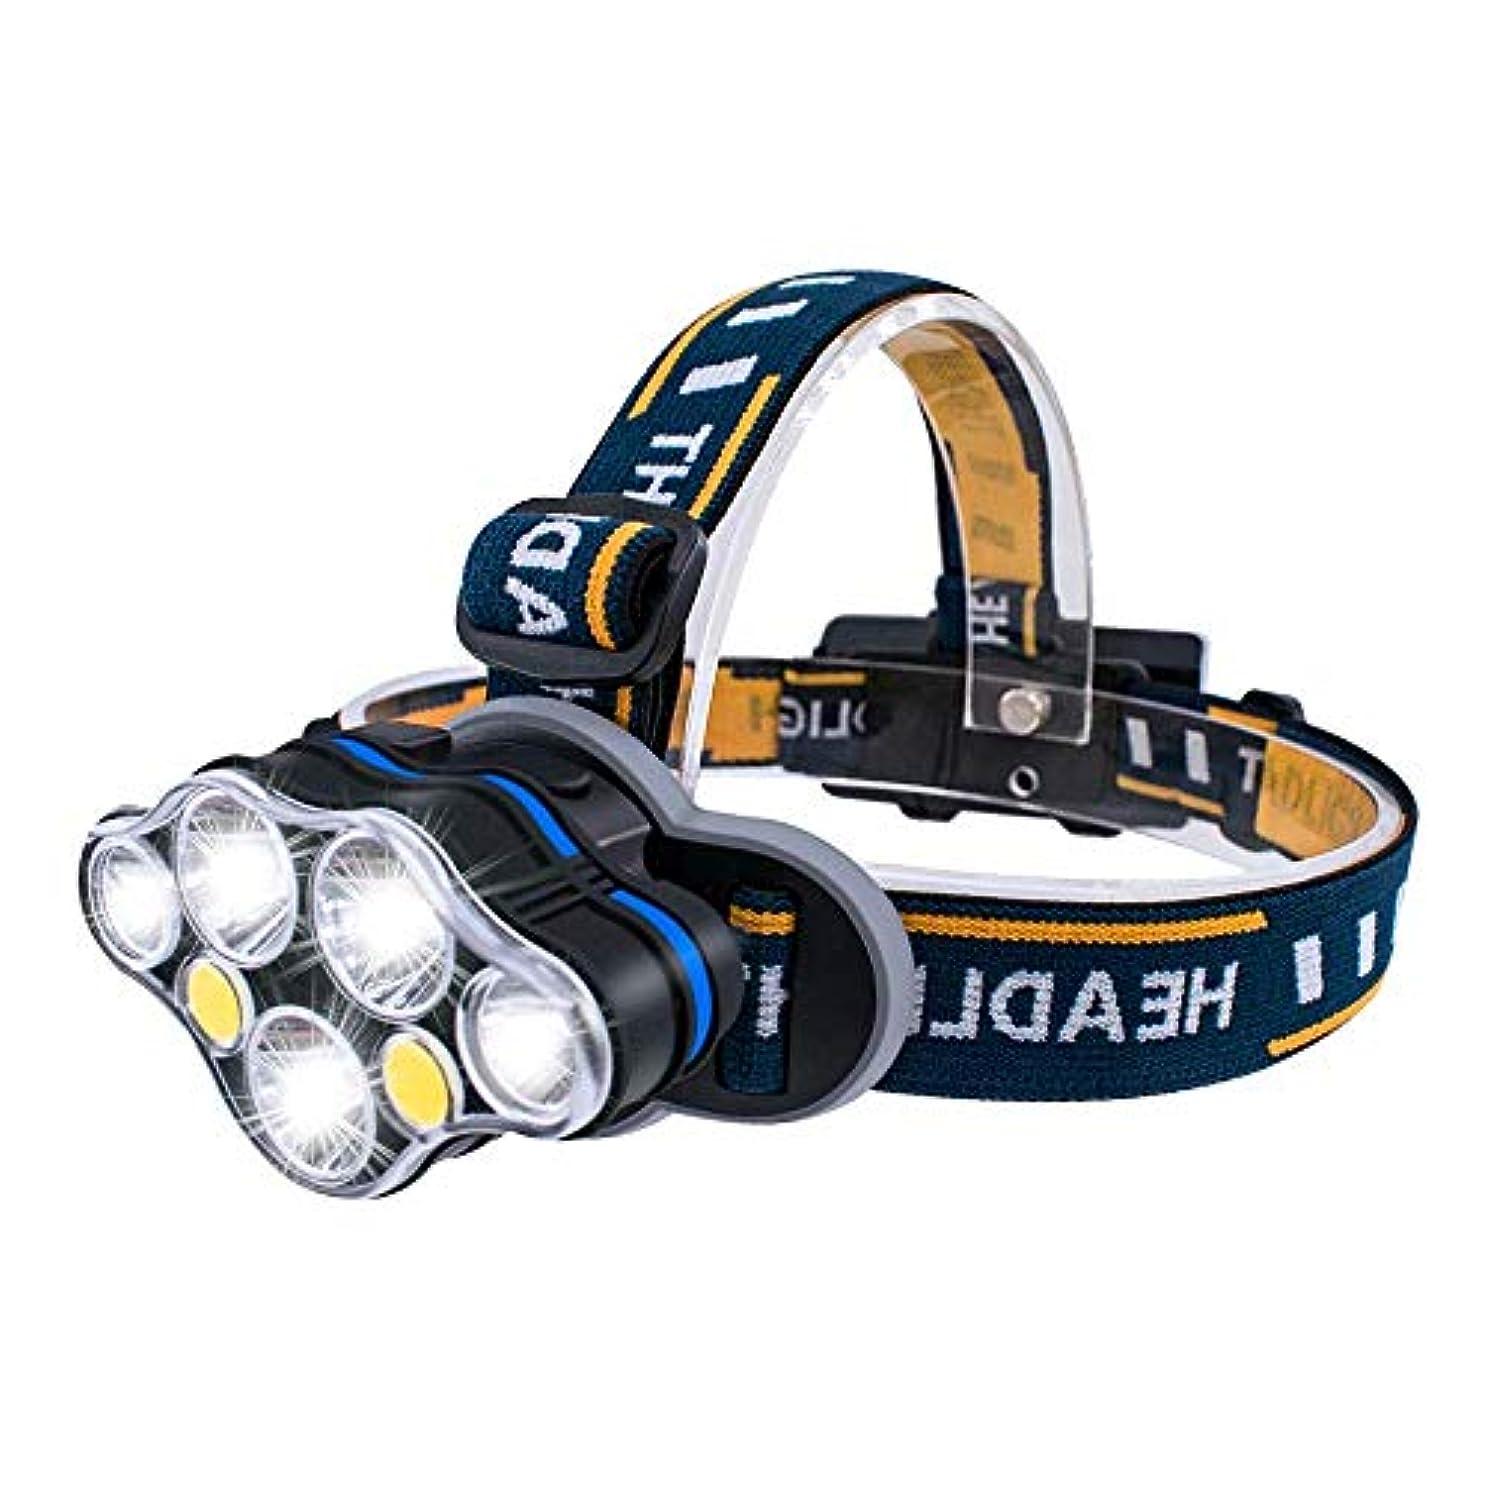 お手伝いさん作り議論するMUTANG SOSモードのLEDヘッドライト、7ランプビーズグレア再充電可能な超明るい長距離ヘッドマウントヘッドフラッシュライトは、照明の鉱山のランプを充電することができます